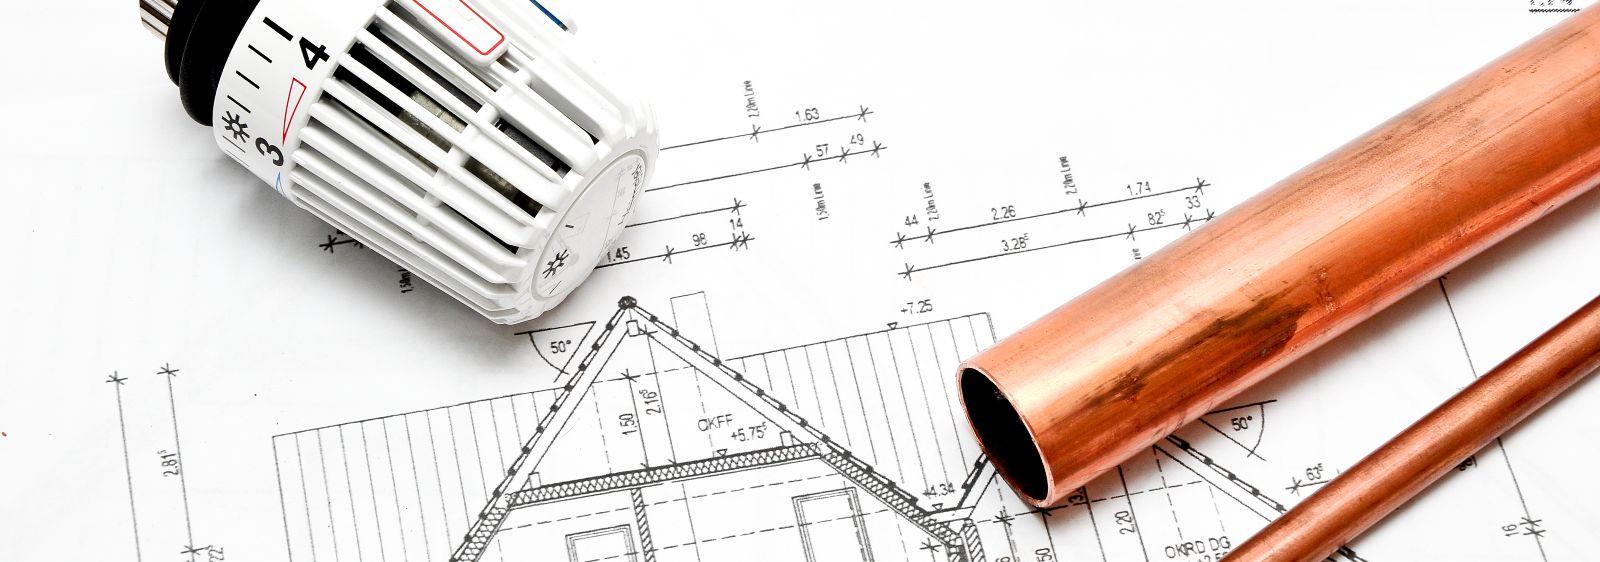 Eine adaptive Heizungssteuerung kann den Energieverbrauch deutlich reduzieren. (Symbolbild)